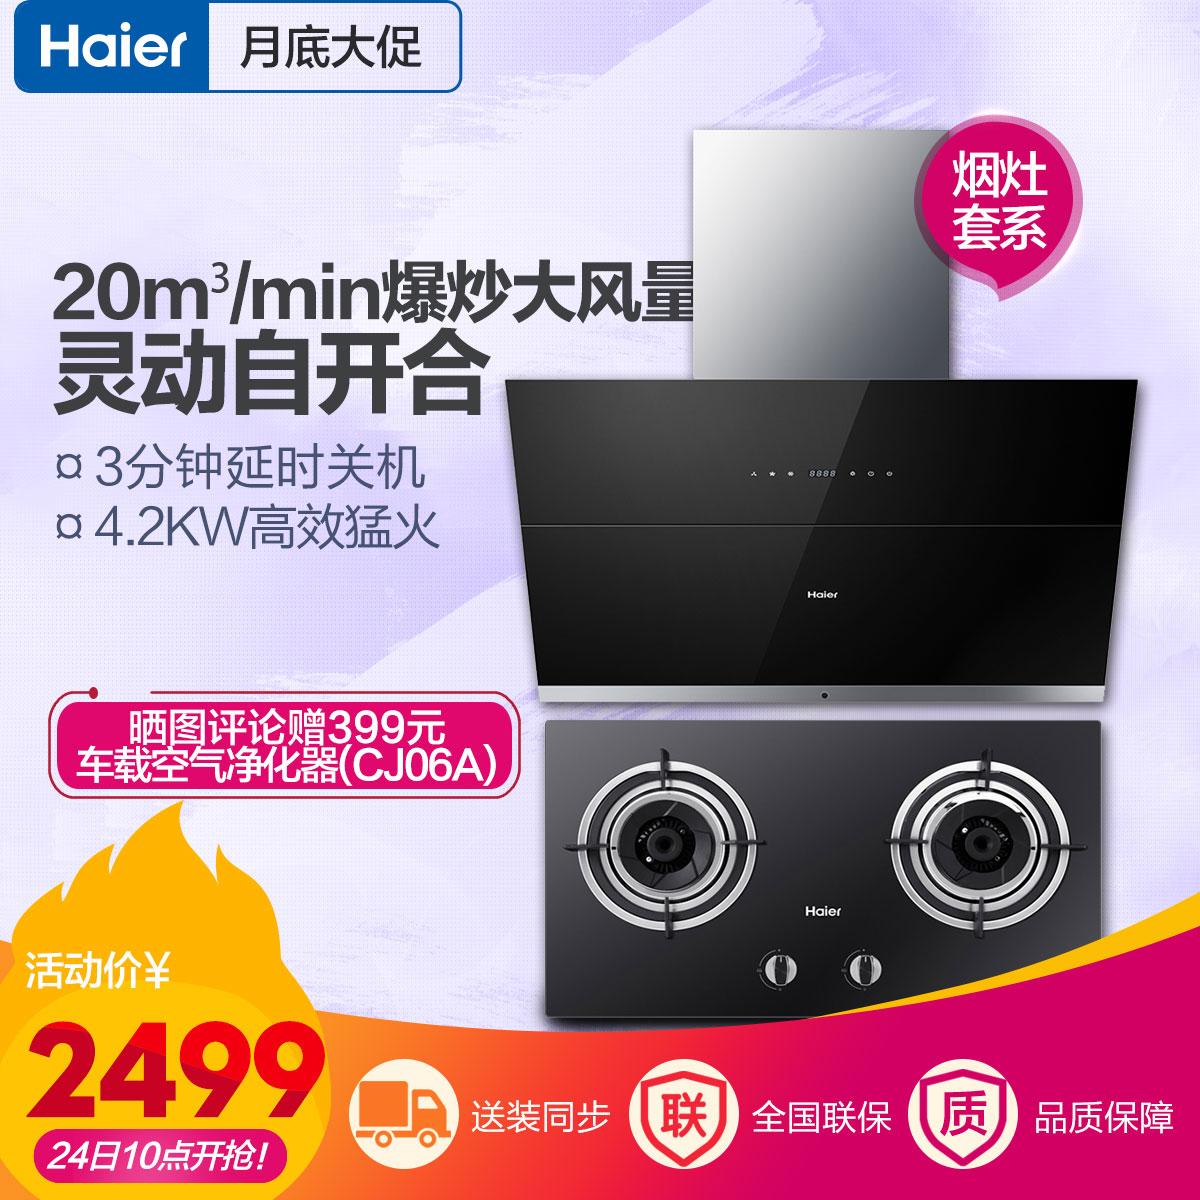 Haier/海尔 厨房电器 E900C10+QE3B5/侧吸/爆炒大吸力/延时/涡流增氧4.2KW大火力/天然气